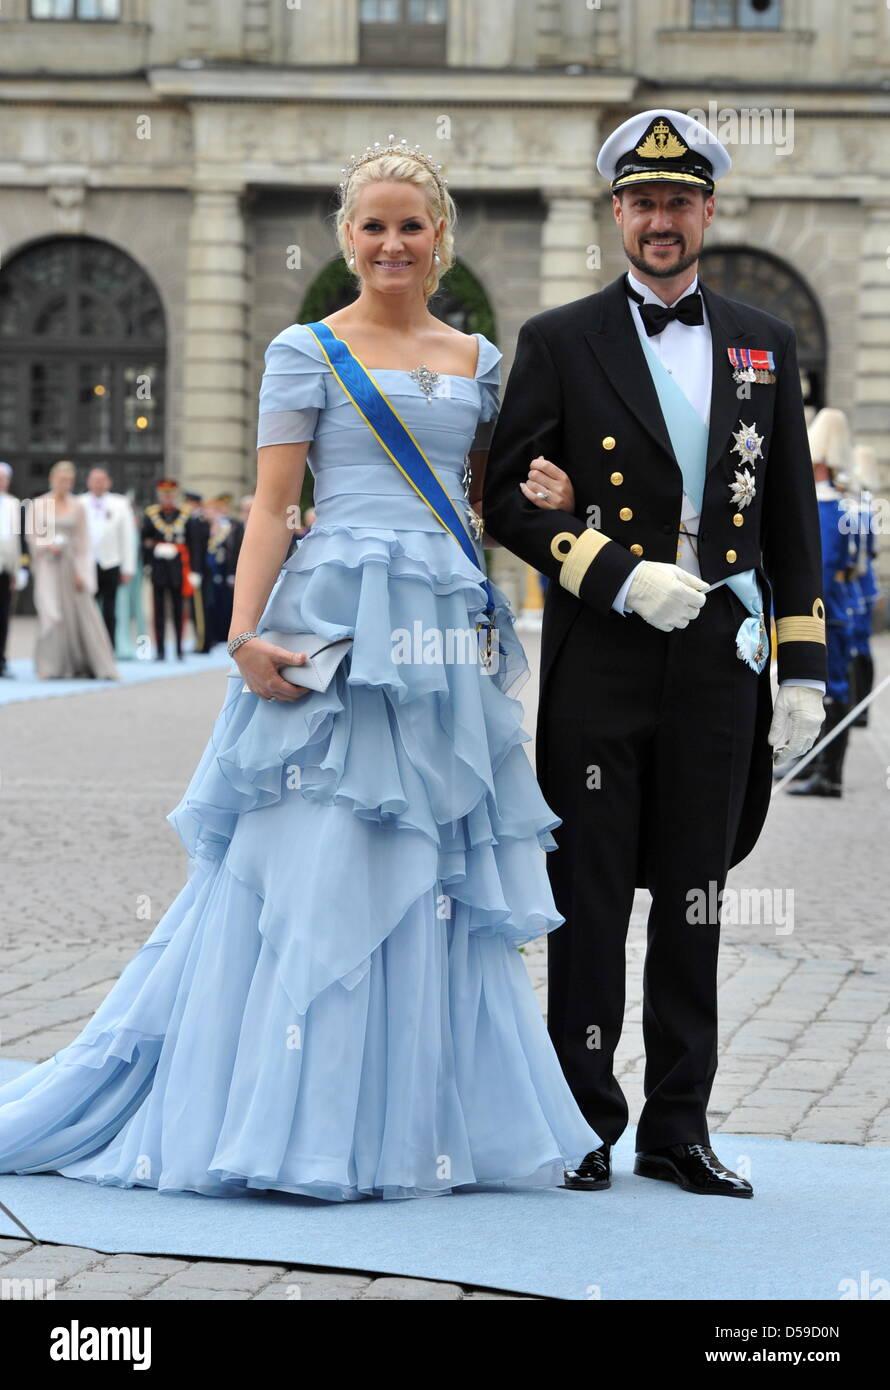 Haakon Mette Marit Wedding Stock Photos Haakon Mette Marit Wedding